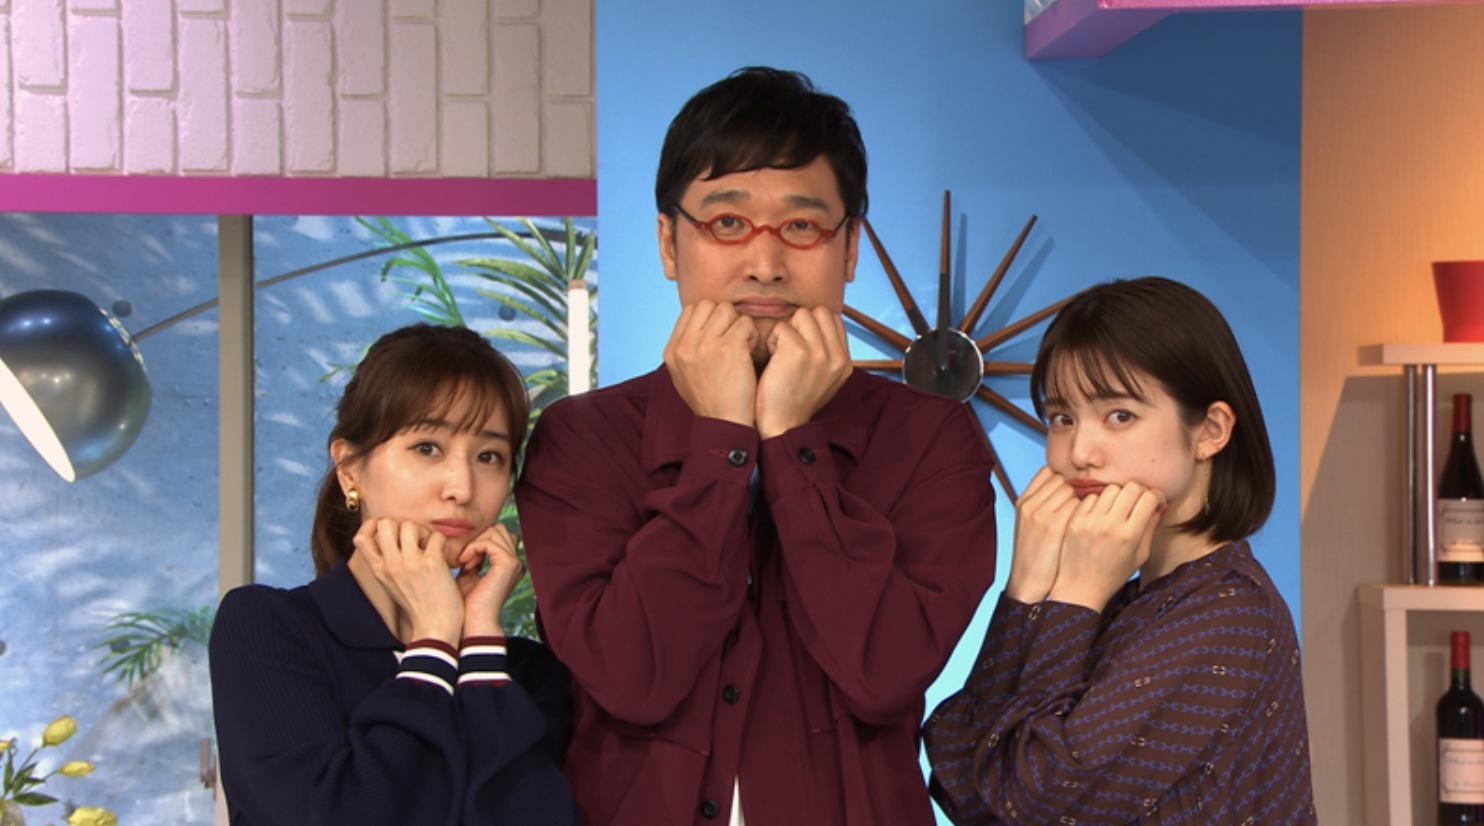 あざとくて何が悪いの(Kaito)11月7日の無料動画や見逃し配信をフル視聴する方法!